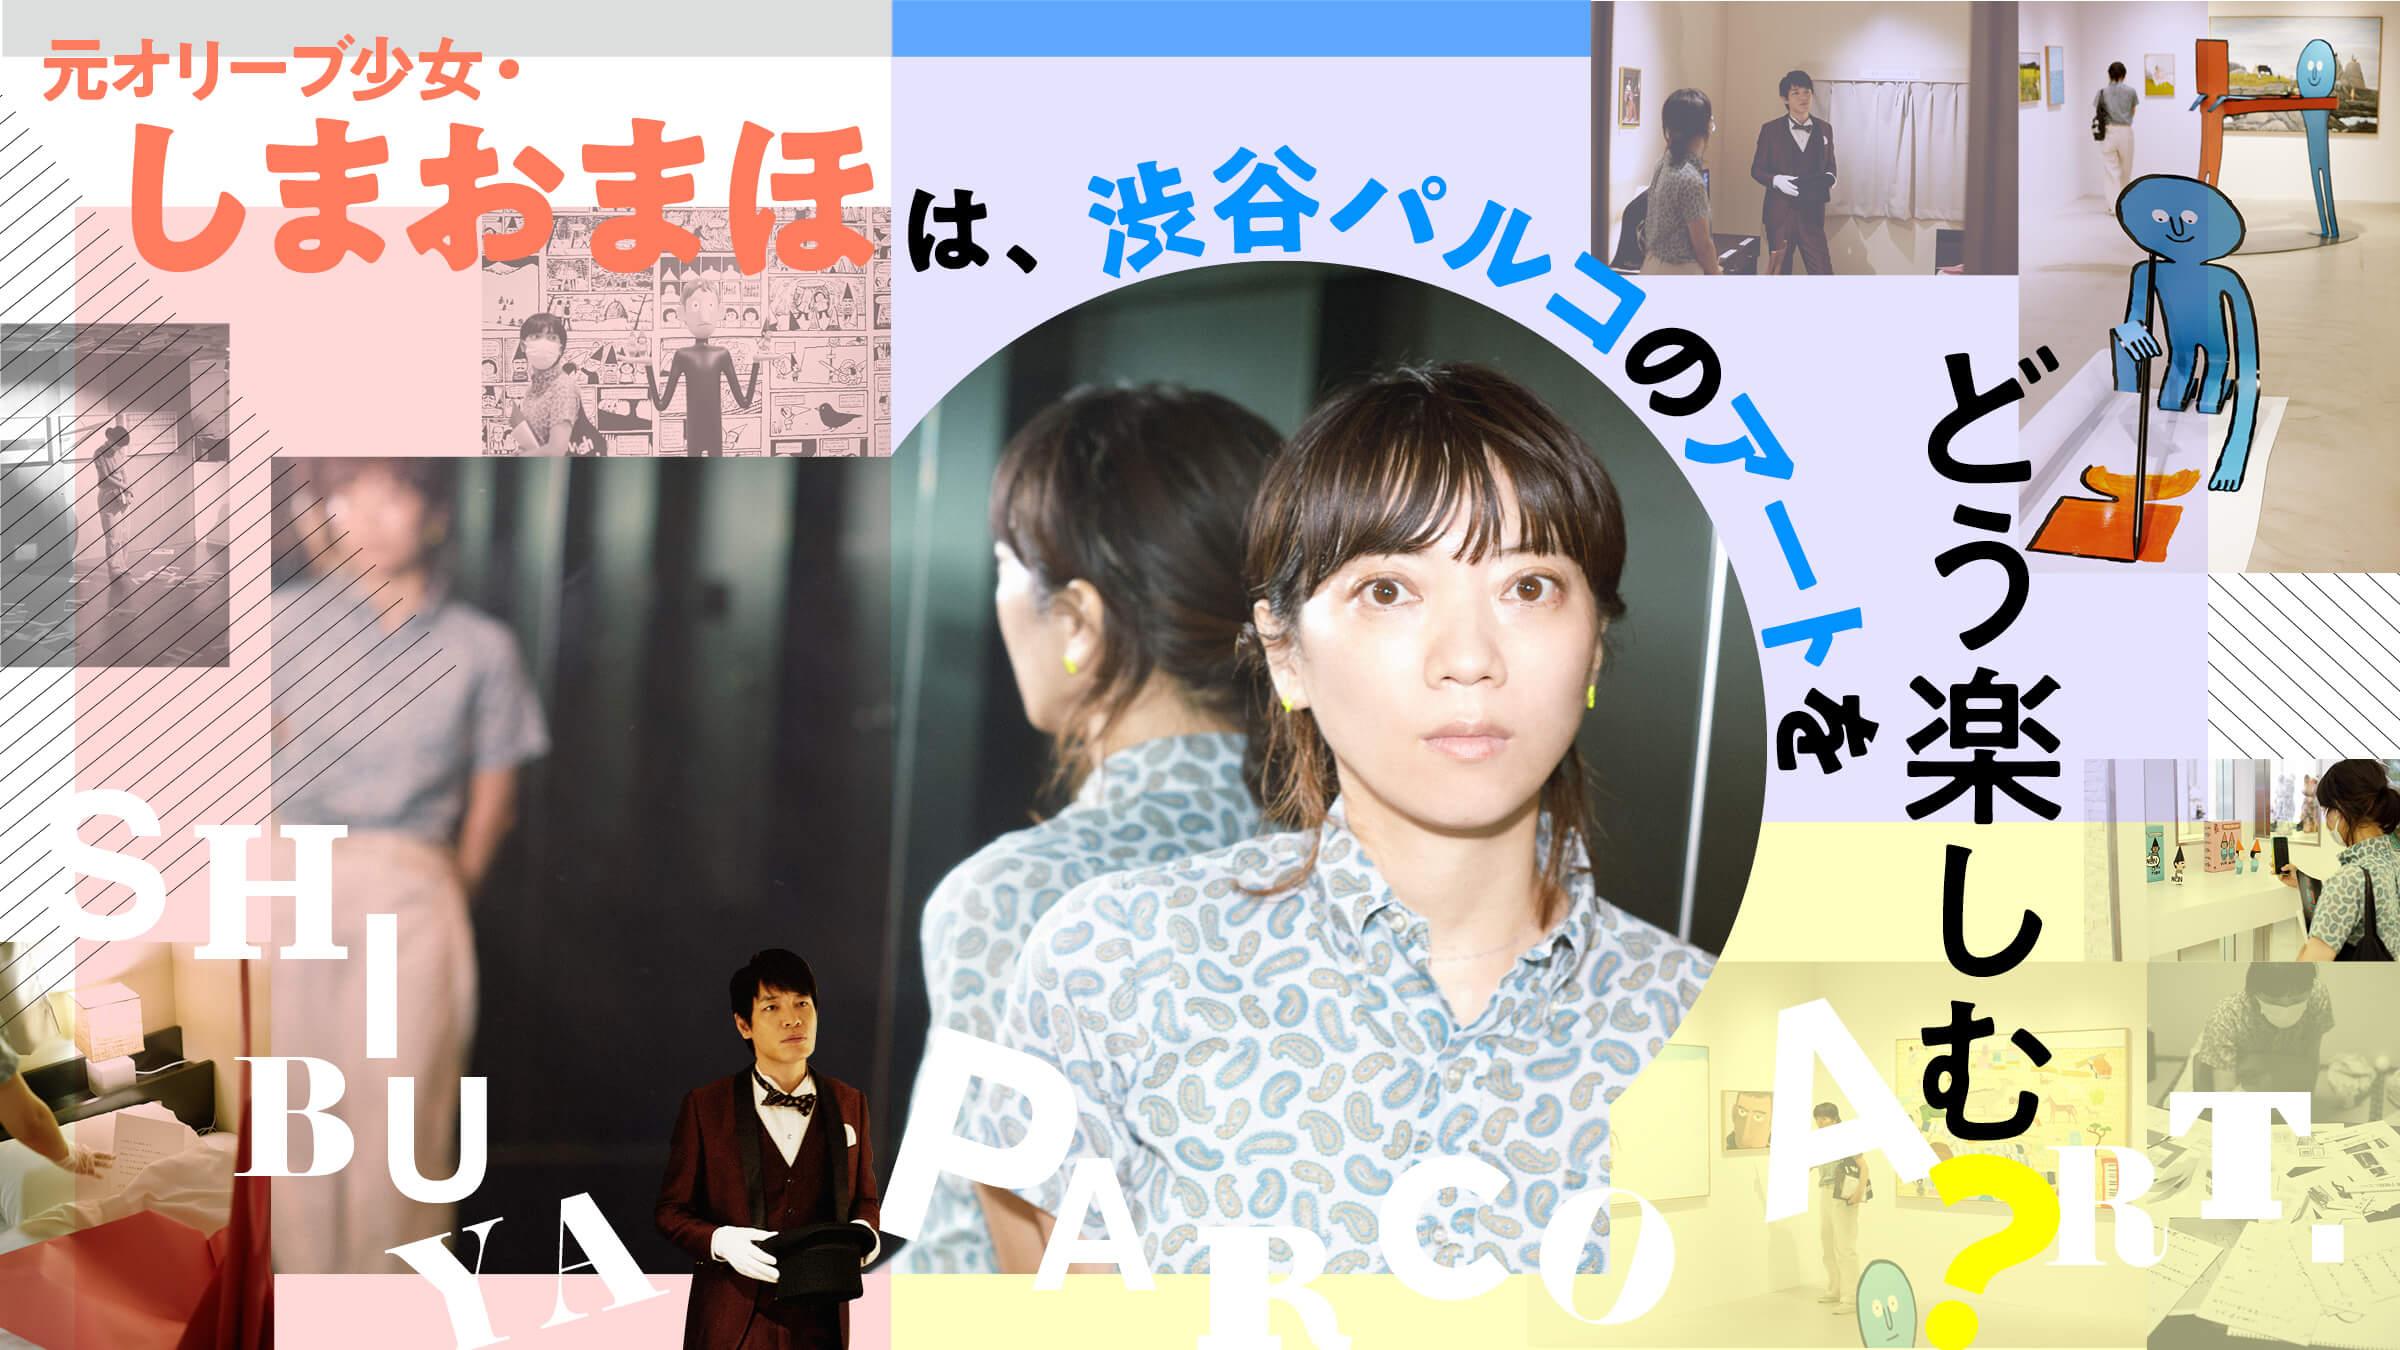 元オリーブ少女・しまおまほは、渋谷パルコのアートをどう楽しむ?